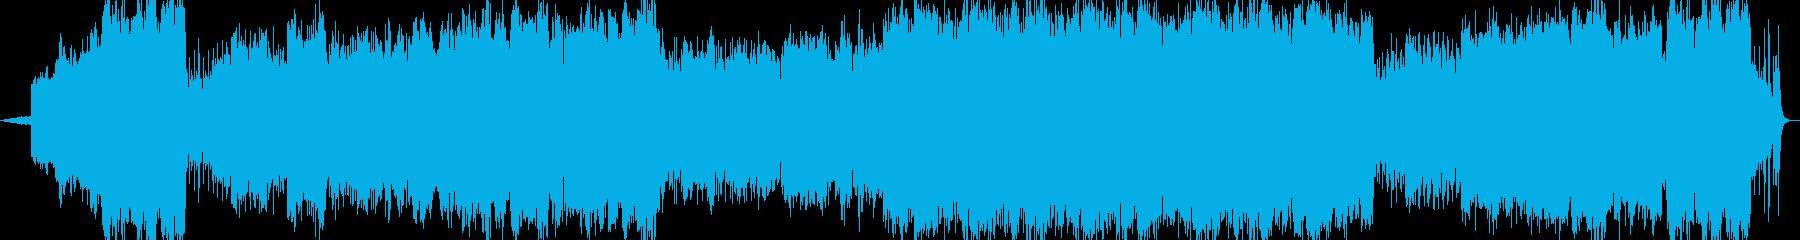 ワルツオーケストラ舞踏会企業VP映像の再生済みの波形